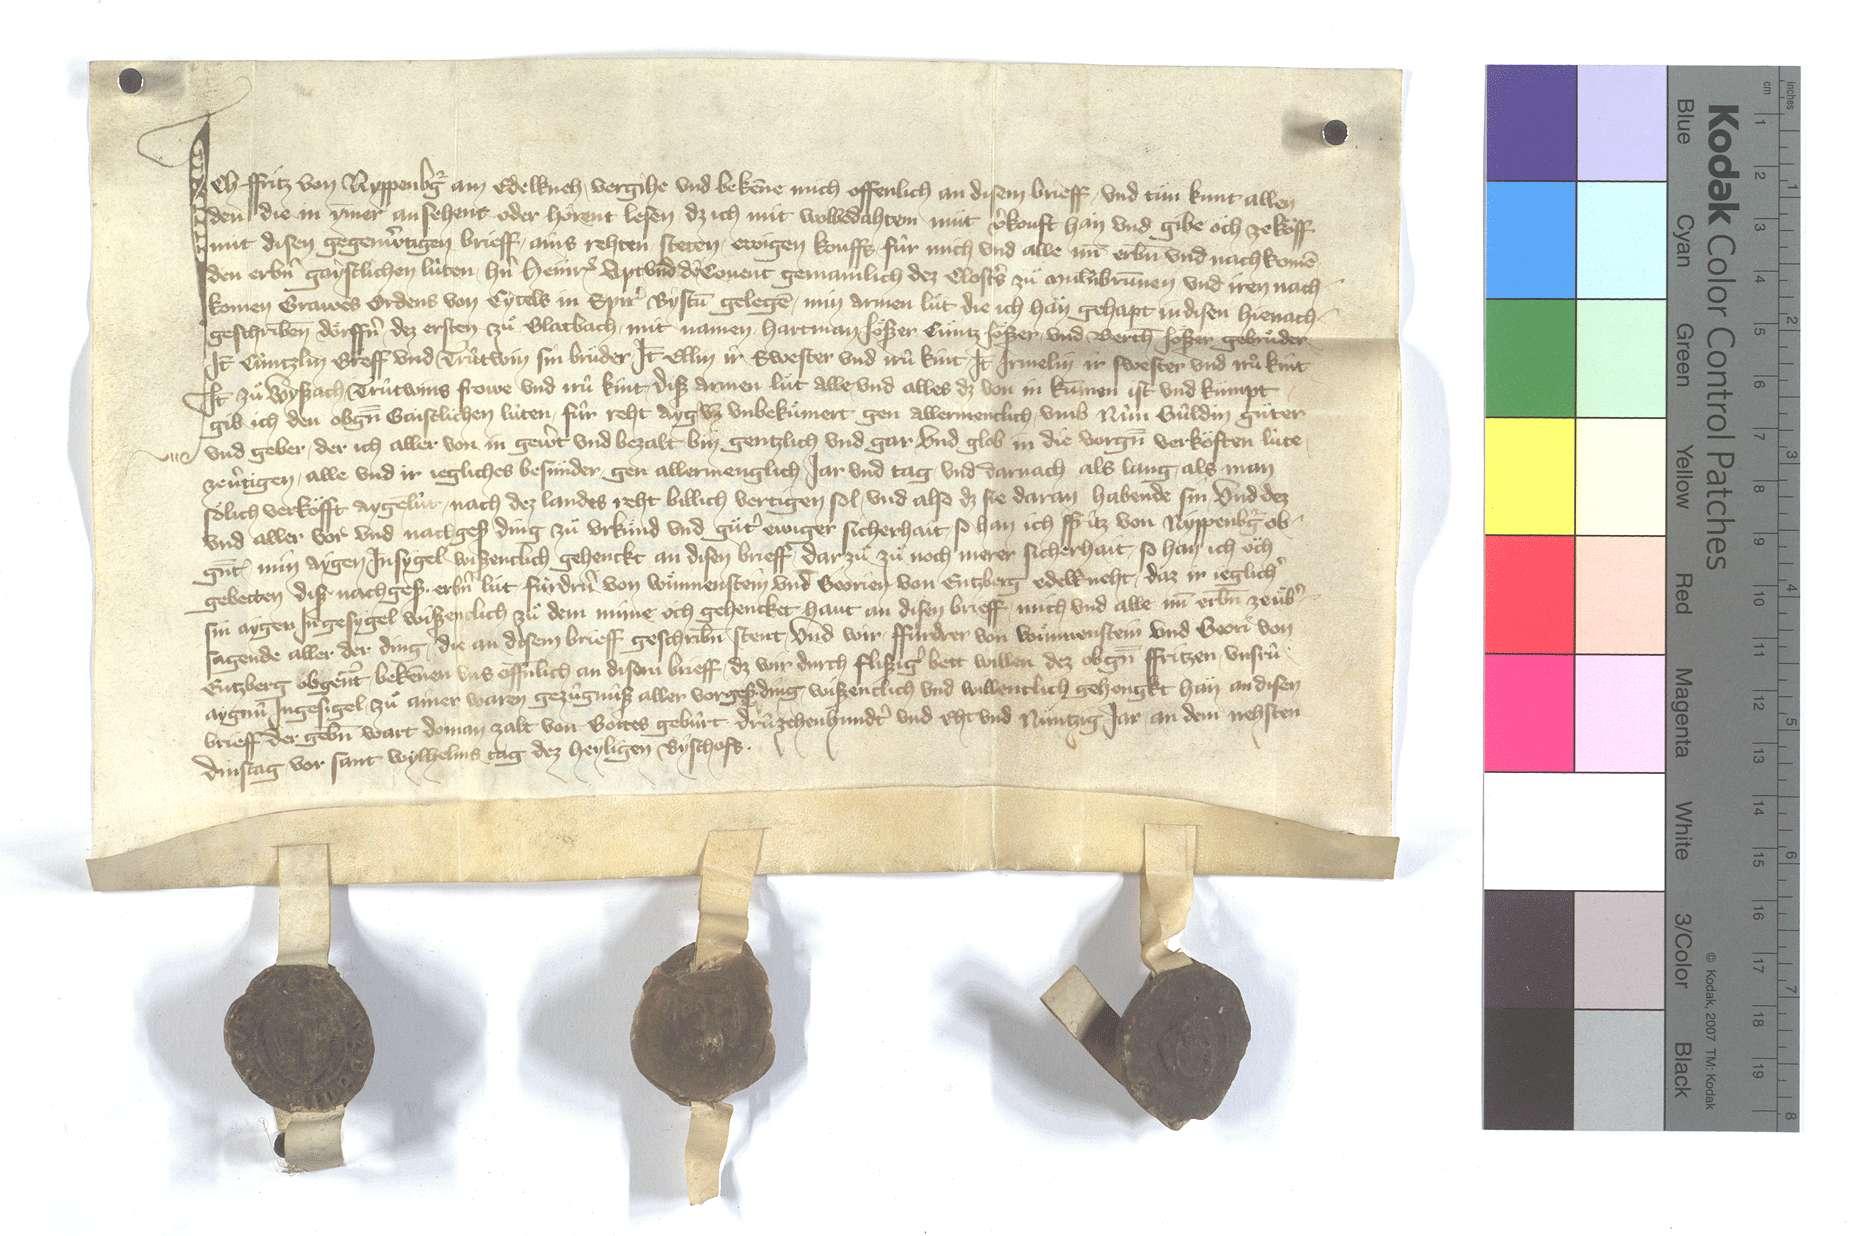 Fritz von Nippenburg verkauft alle seine namentlich genannten Eigenleute in Glattbach (Glatbach) und Weissach., Text